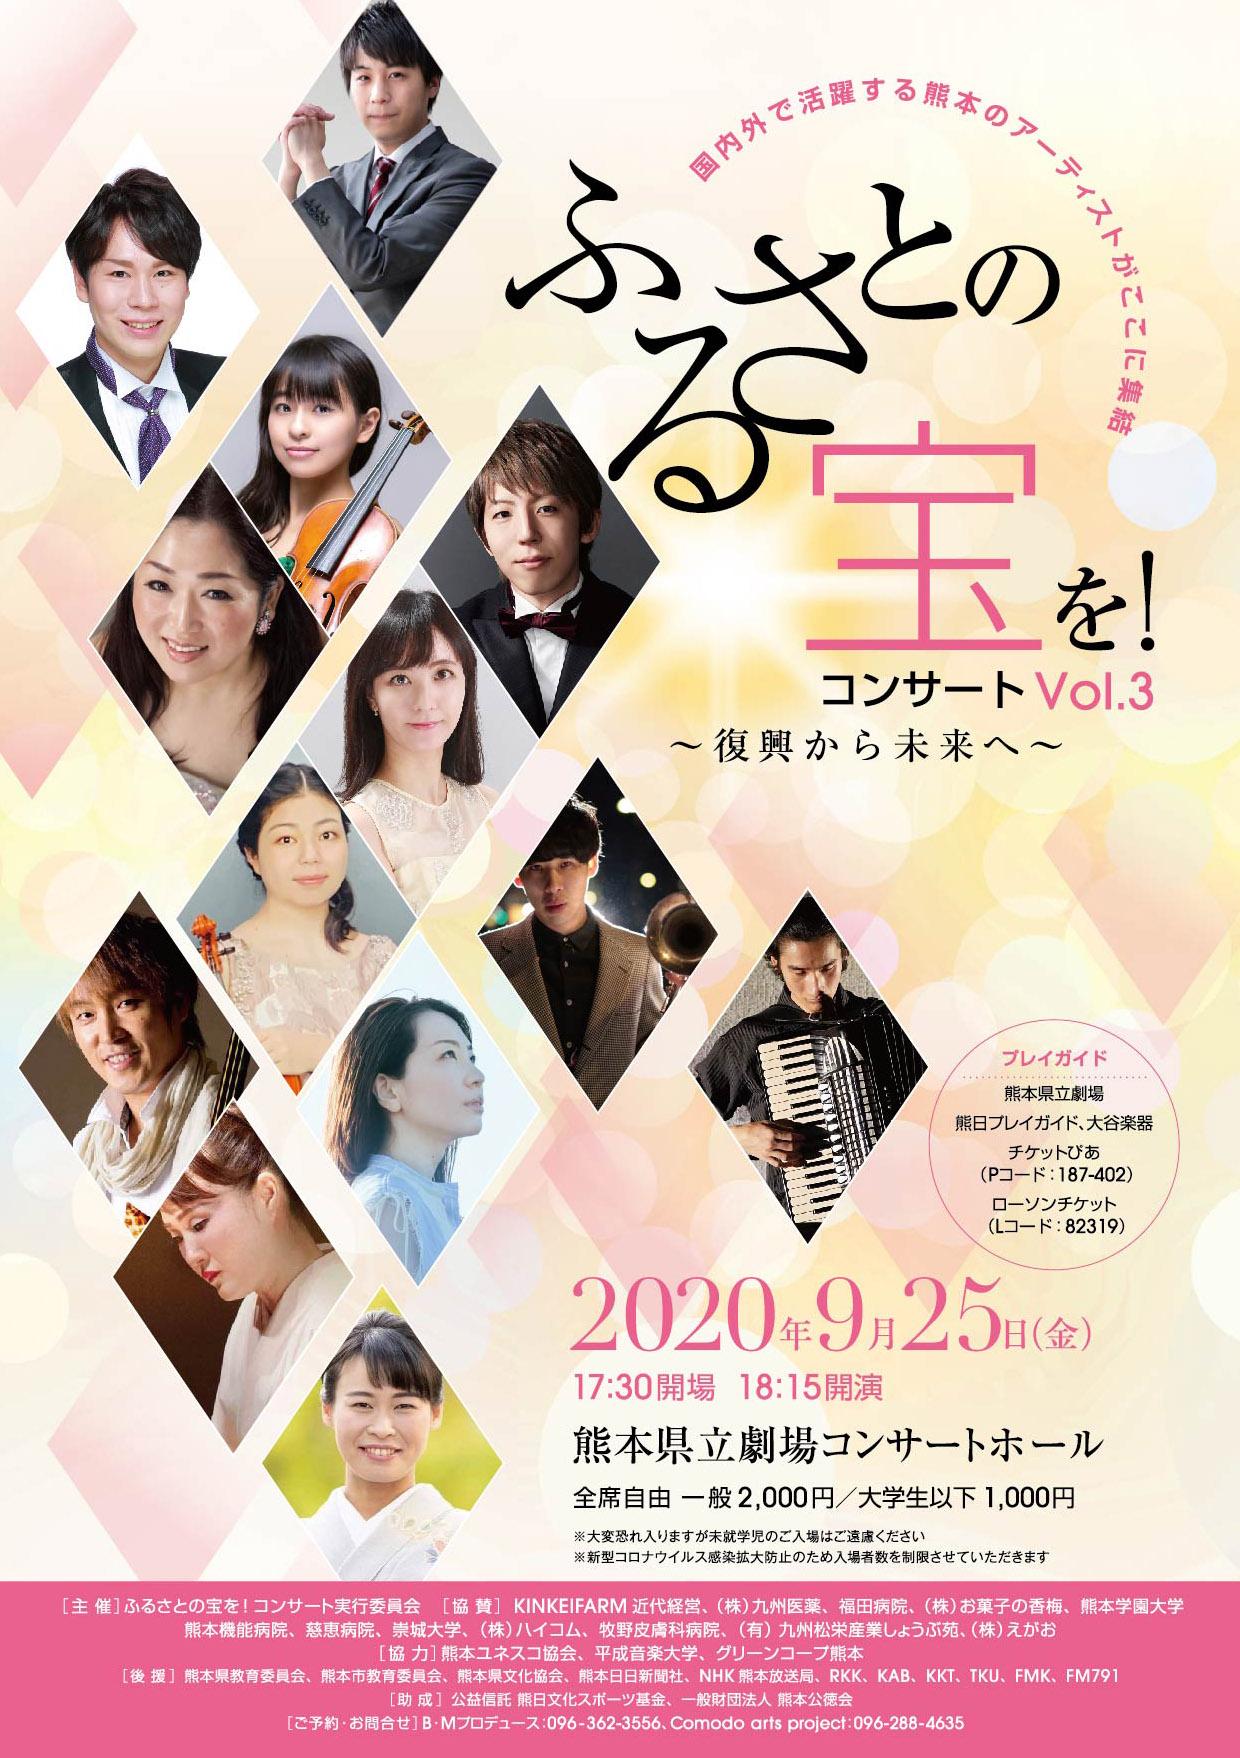 ふるさとの宝を!コンサート~復興から未来へ~ Vol.3